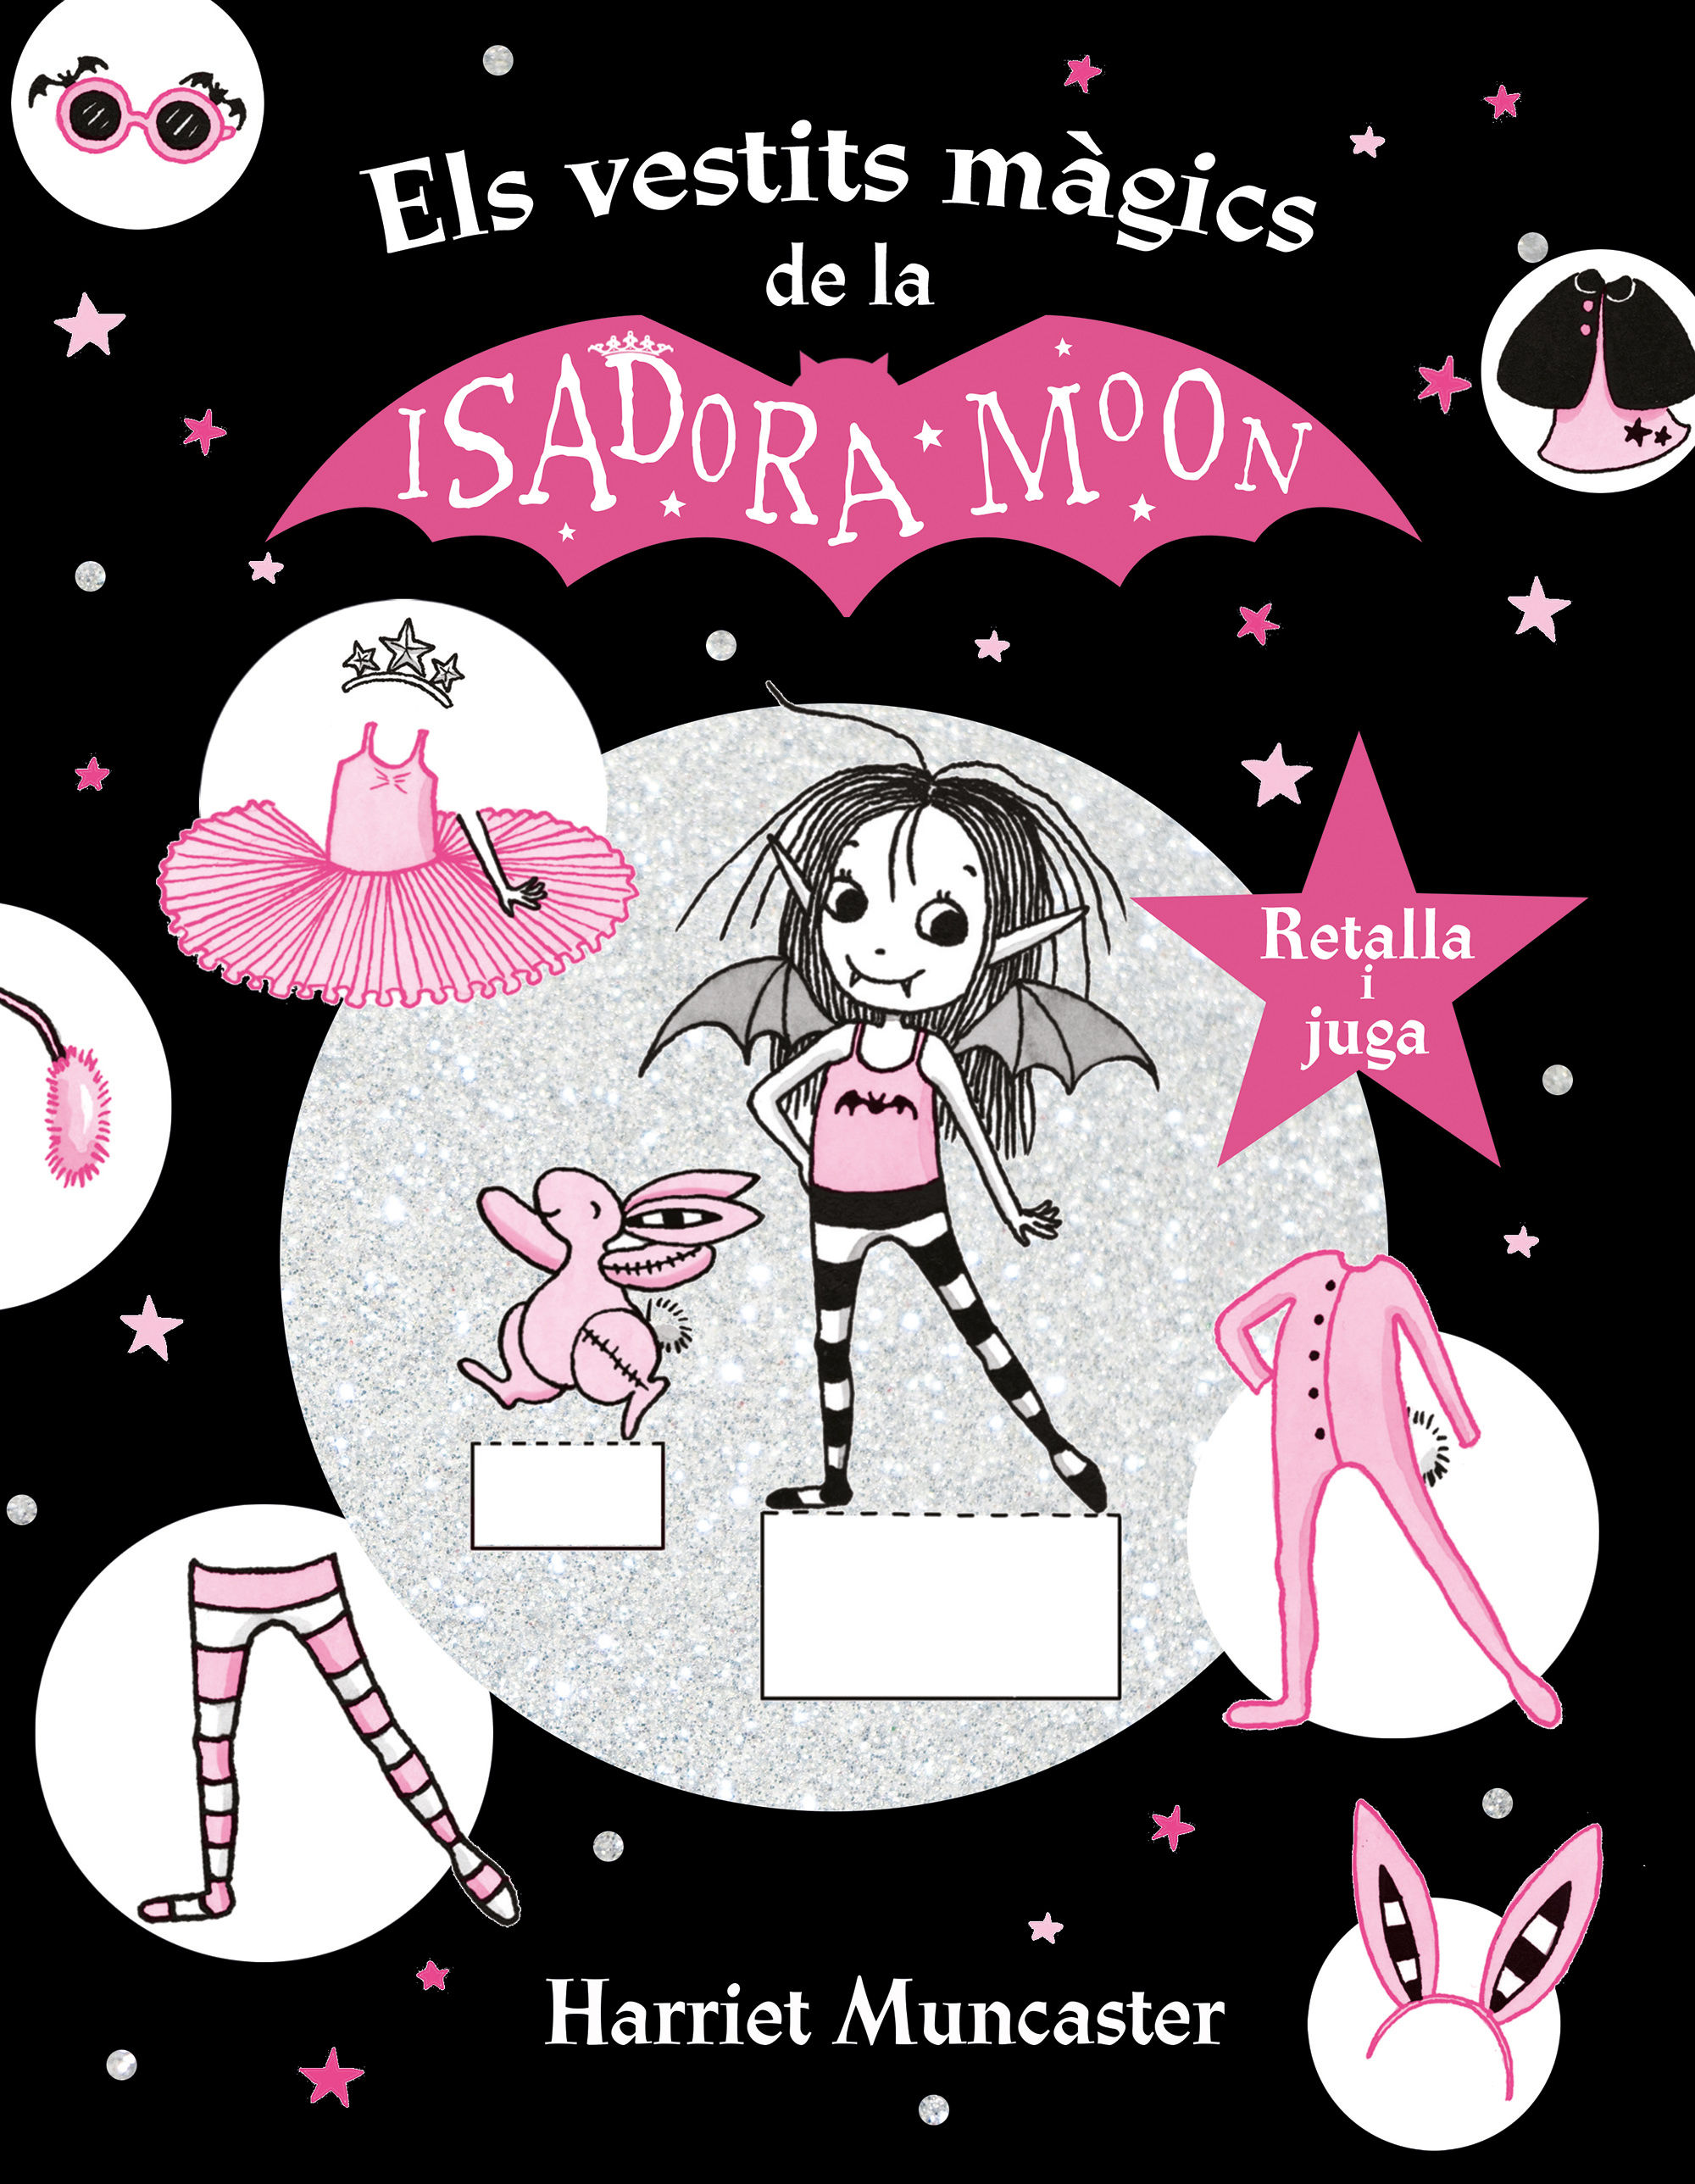 ISADORA MOON I ELS VESTITS MAGICS LA ISADORA MOON